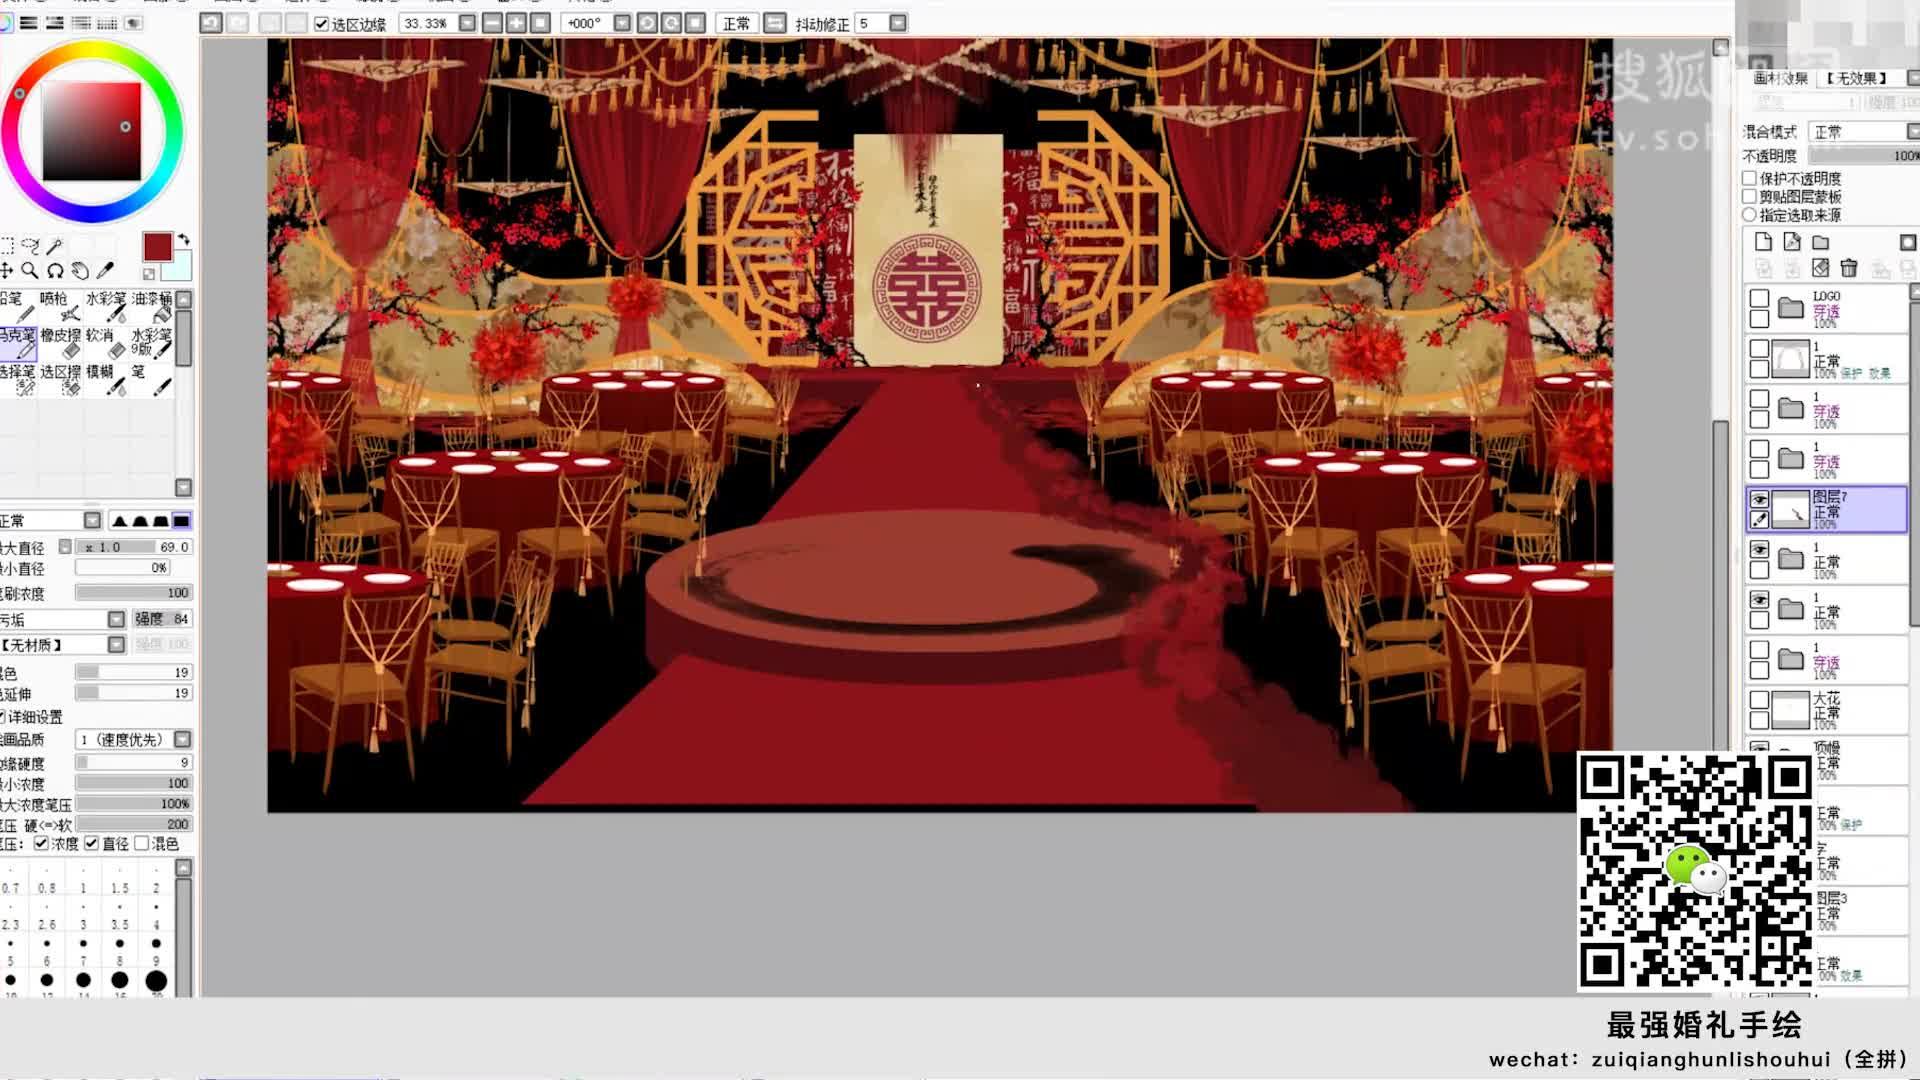 婚礼手绘视频教程新中式电脑效果图-婚礼手绘电脑手绘-最强婚礼手绘